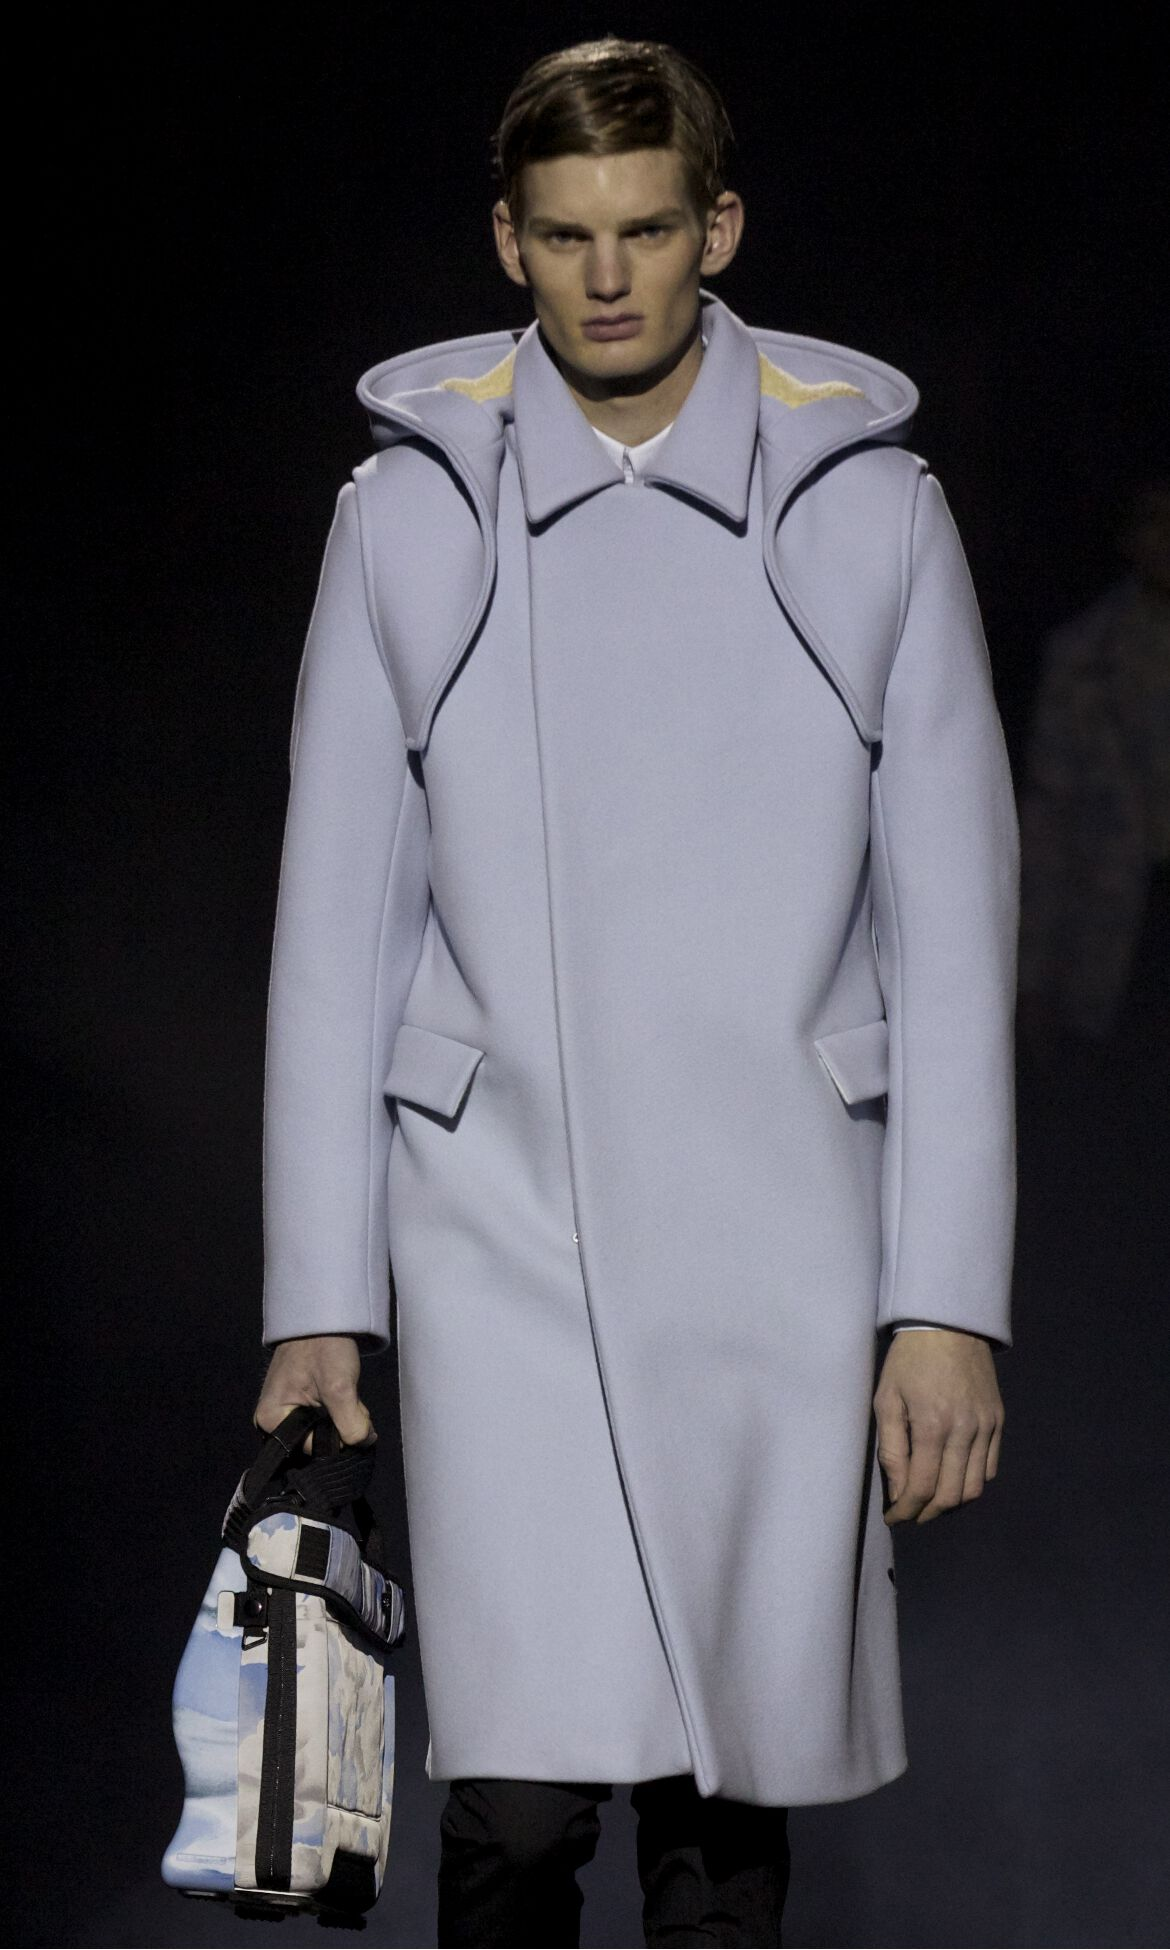 Winter 2013 Fashion Show Kenzo